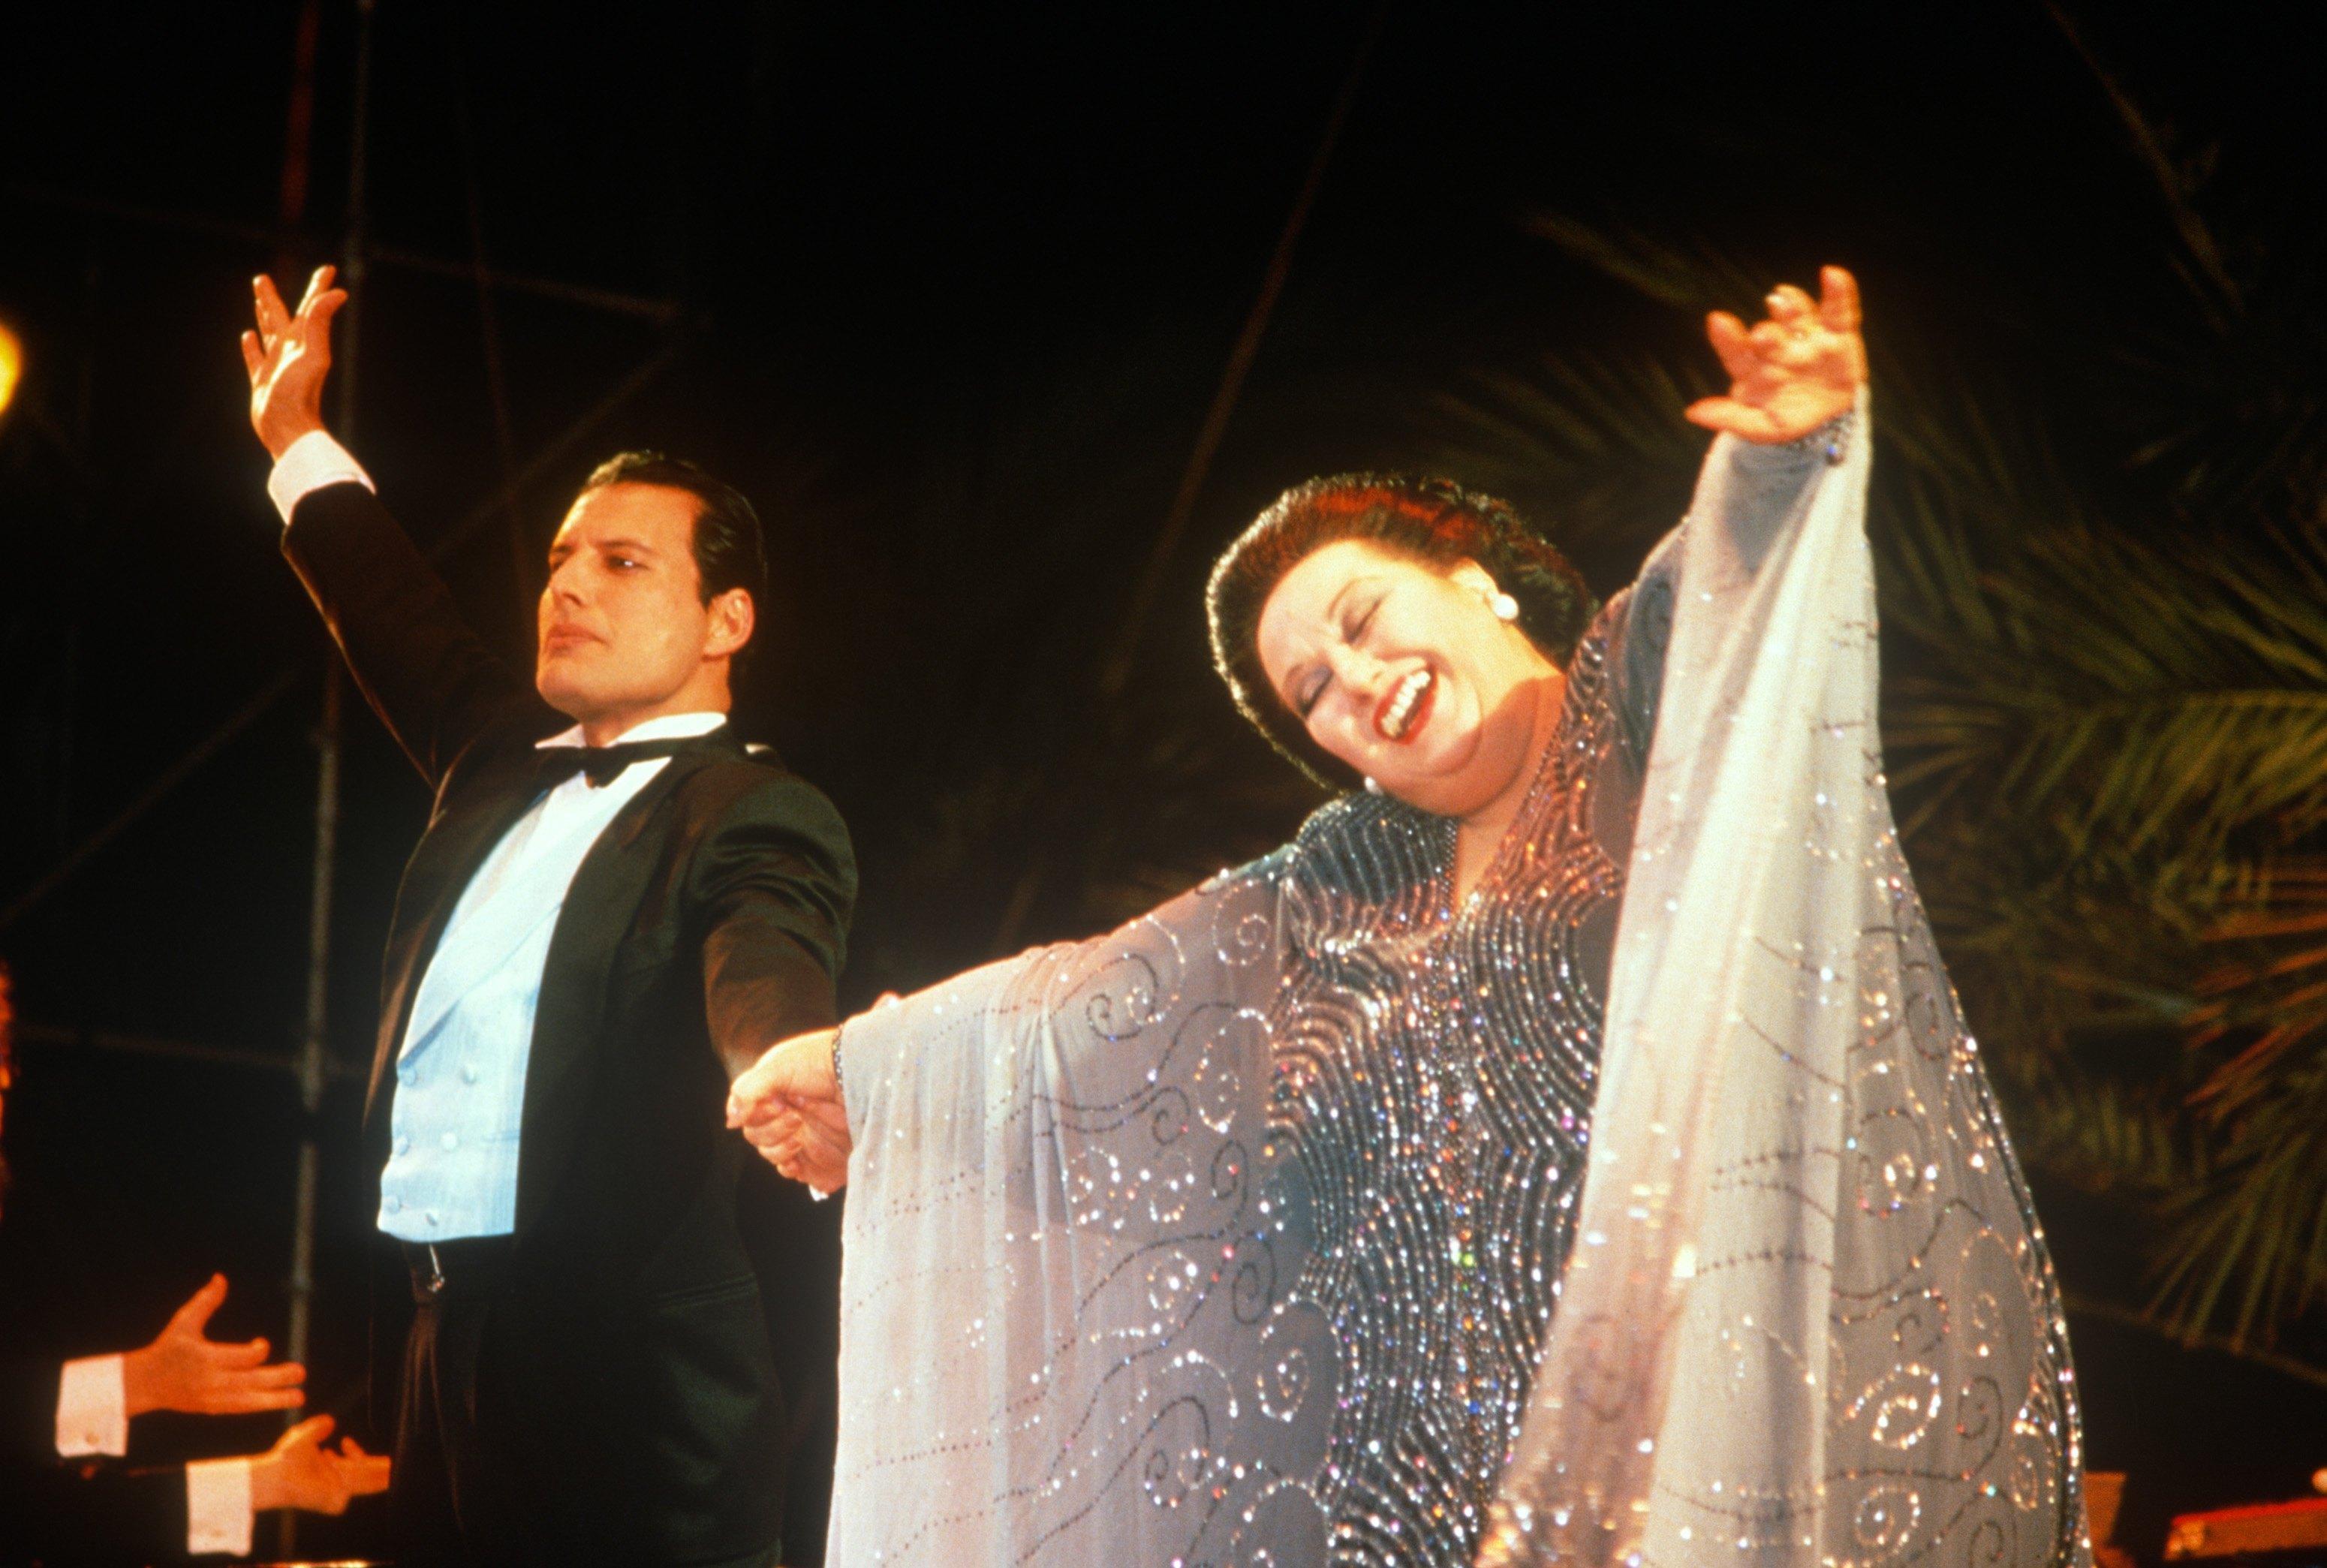 Фредди Меркьюри и Монтсеррат Кабалье на выступлении в KU club Ibiza, 29 мая 1987 года